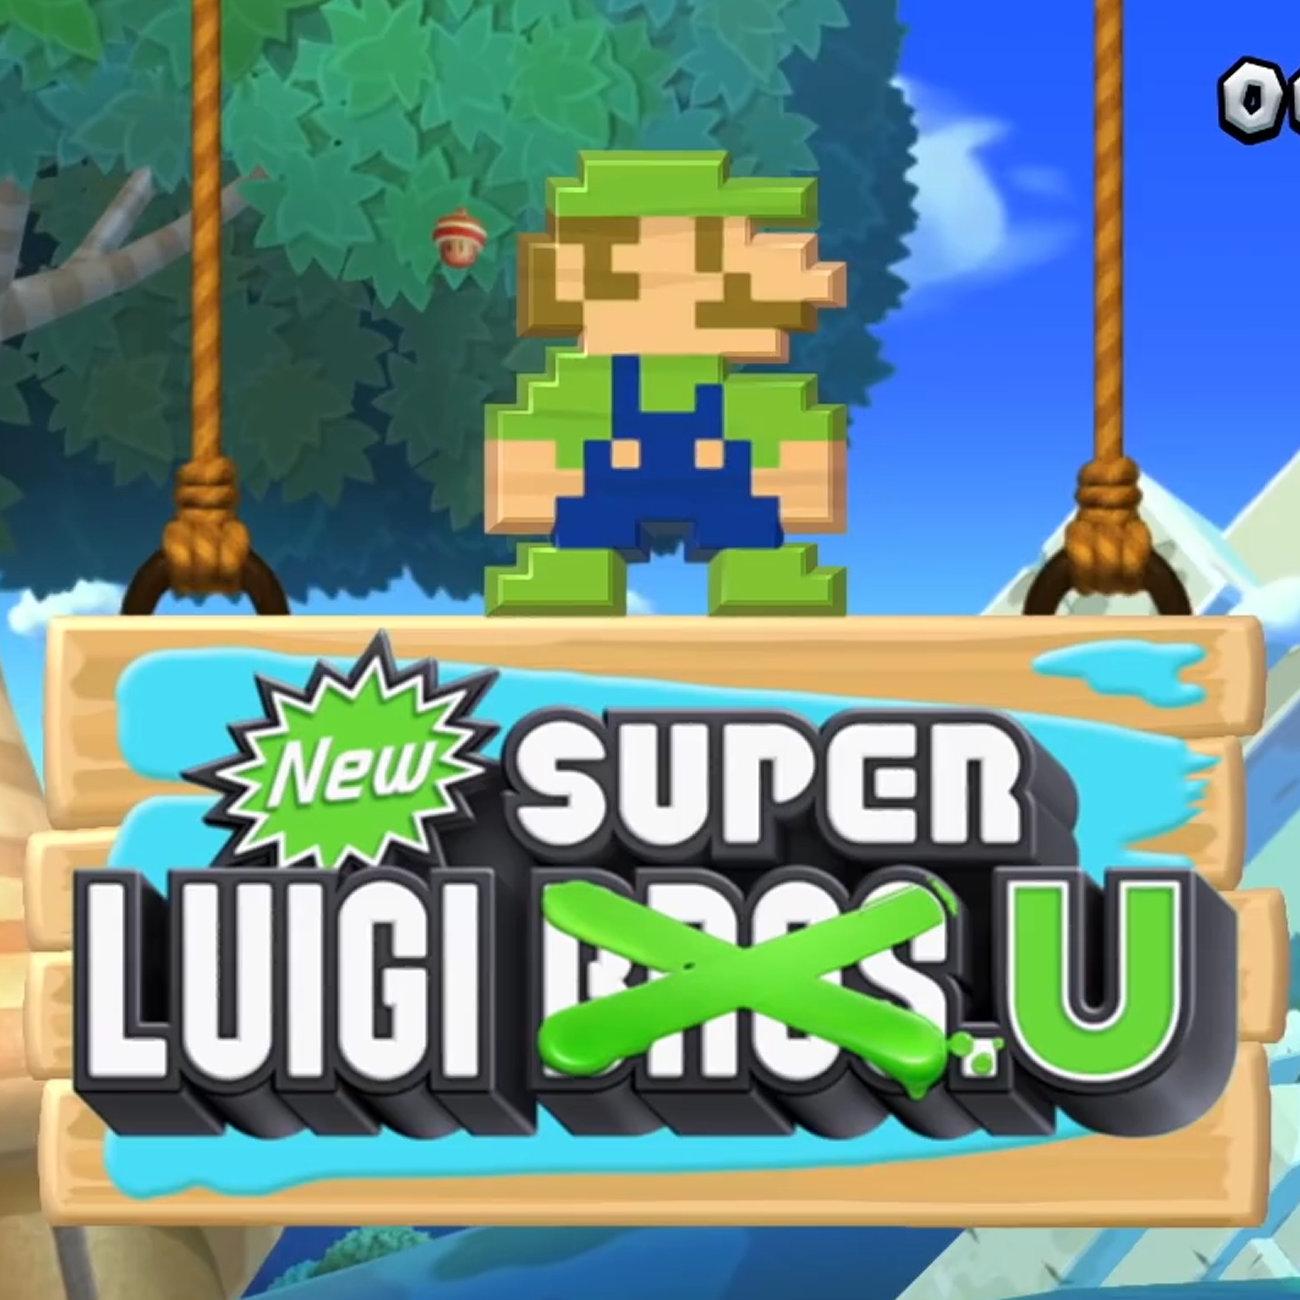 New スーパールイージ U、スイッチ版マリオでもプレイ可能